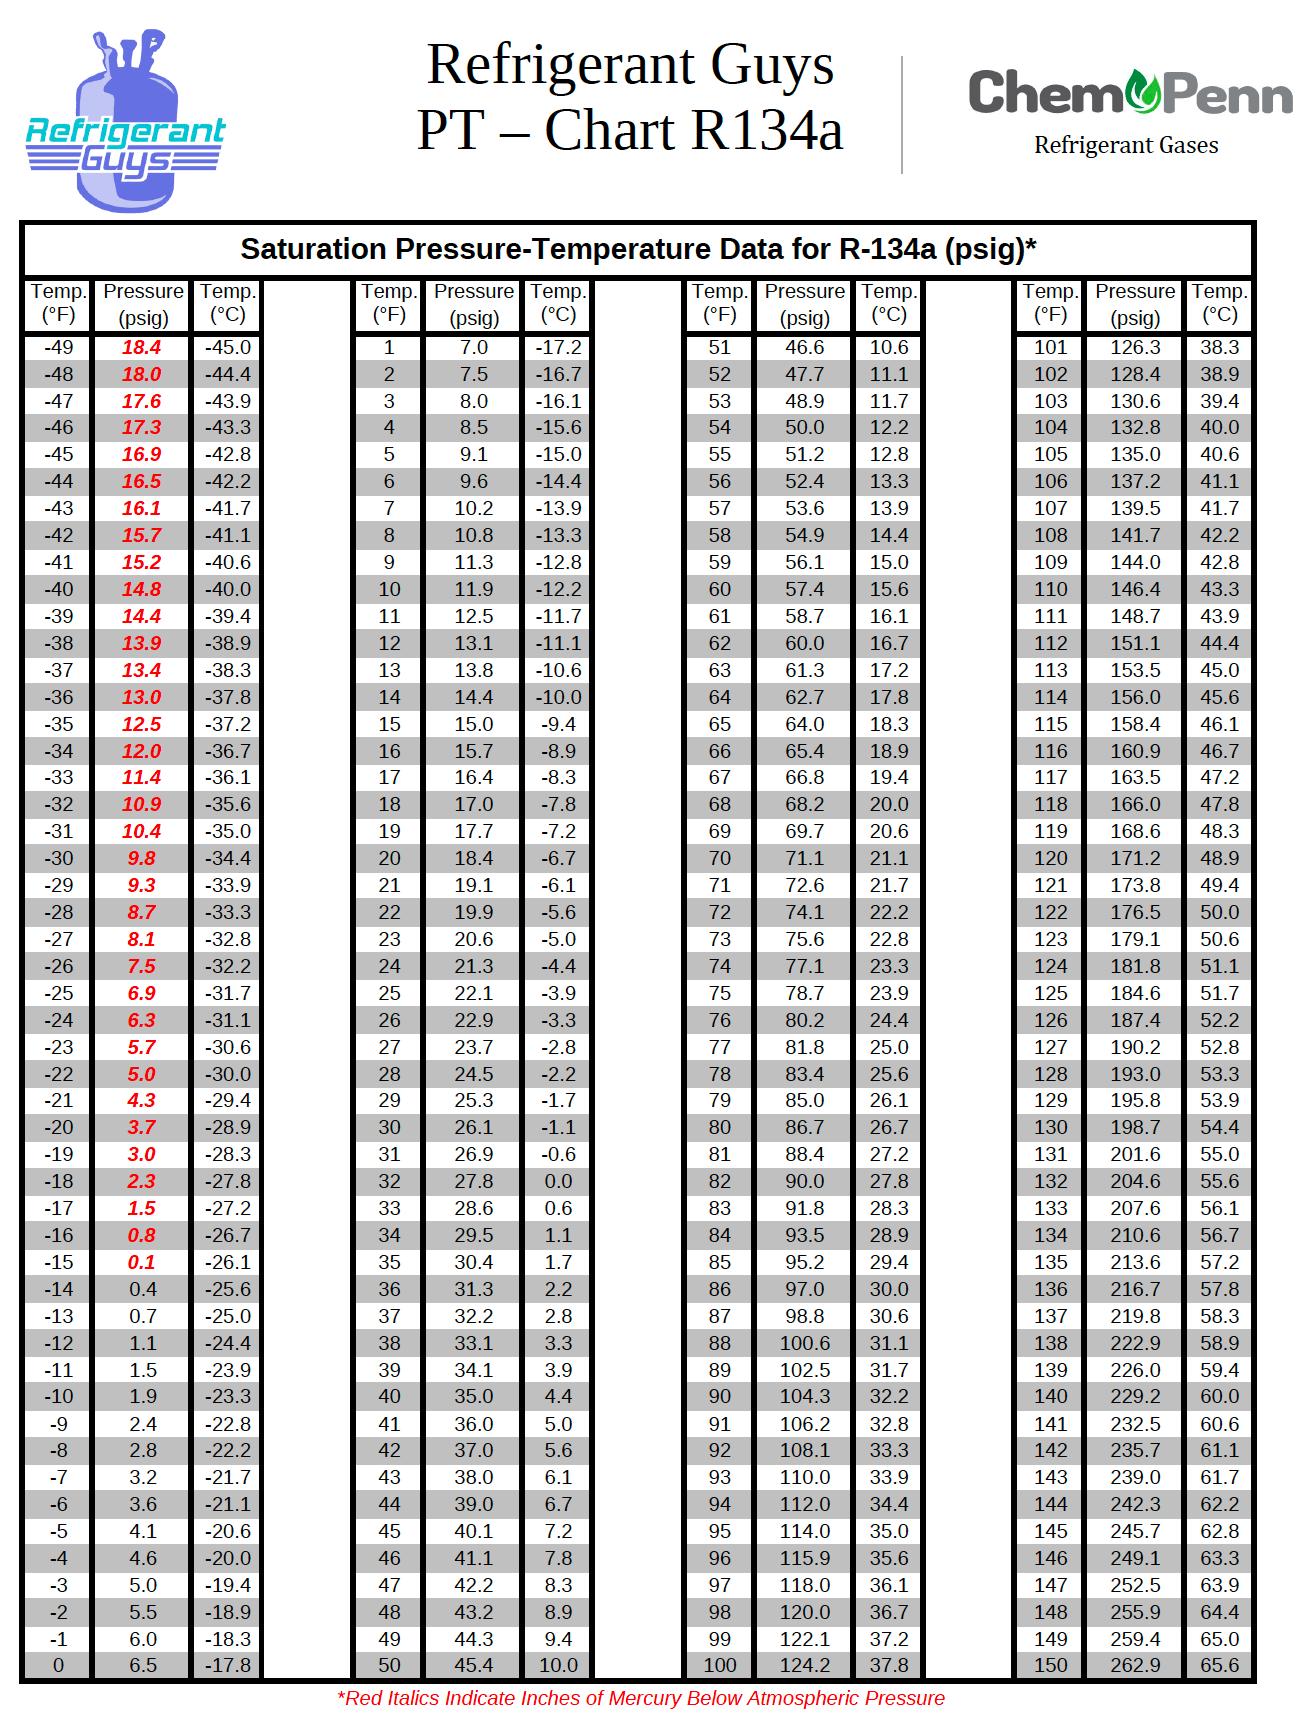 134a Pressure Temperature Chart : pressure, temperature, chart, Chart, R134a, Refrigerant, Chart,, Temperature, Pressure